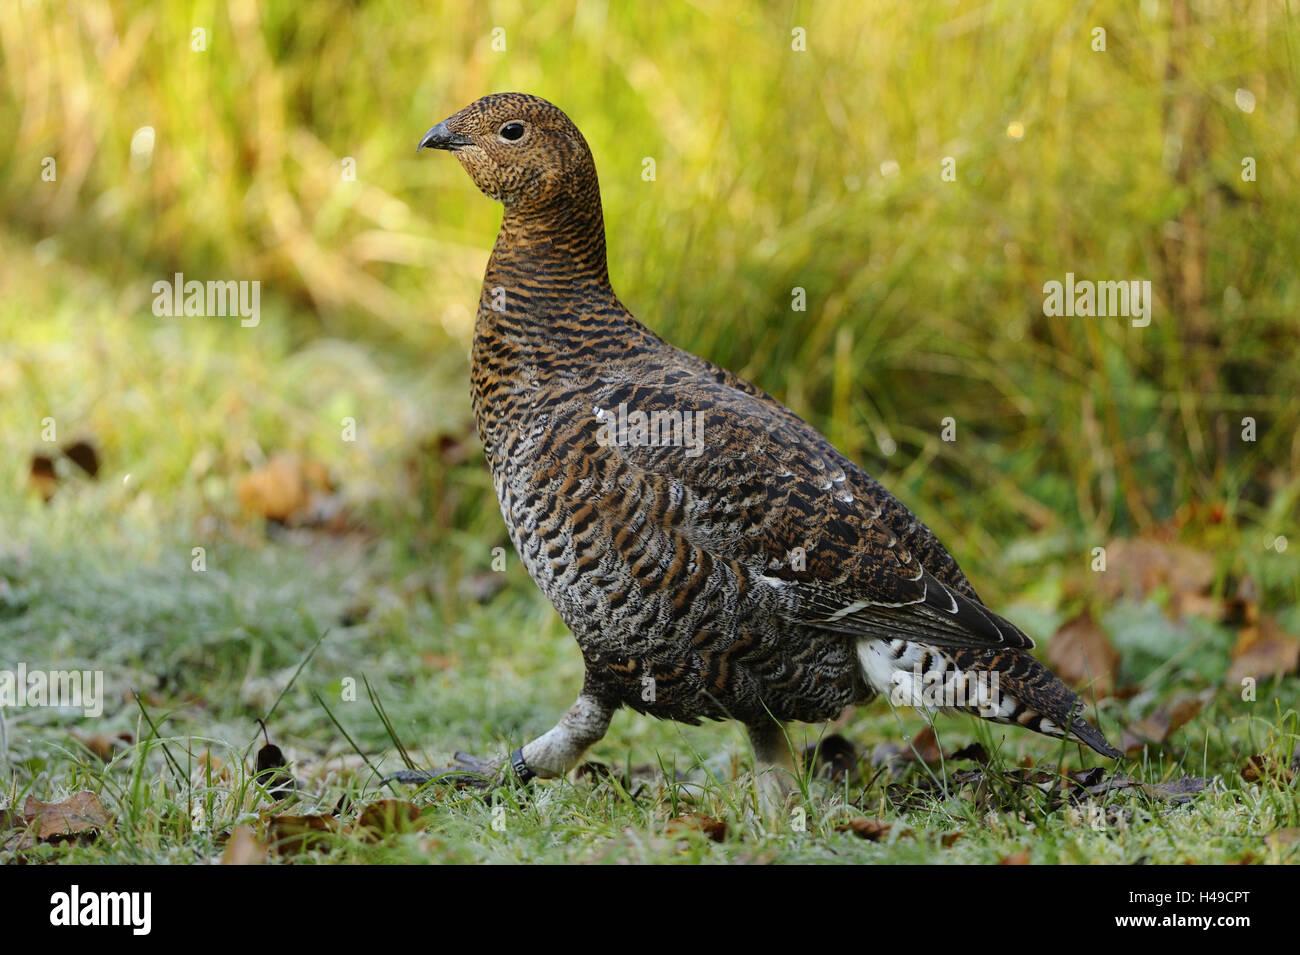 Black grouse, Lyrurus tetrix, hen, - Stock Image